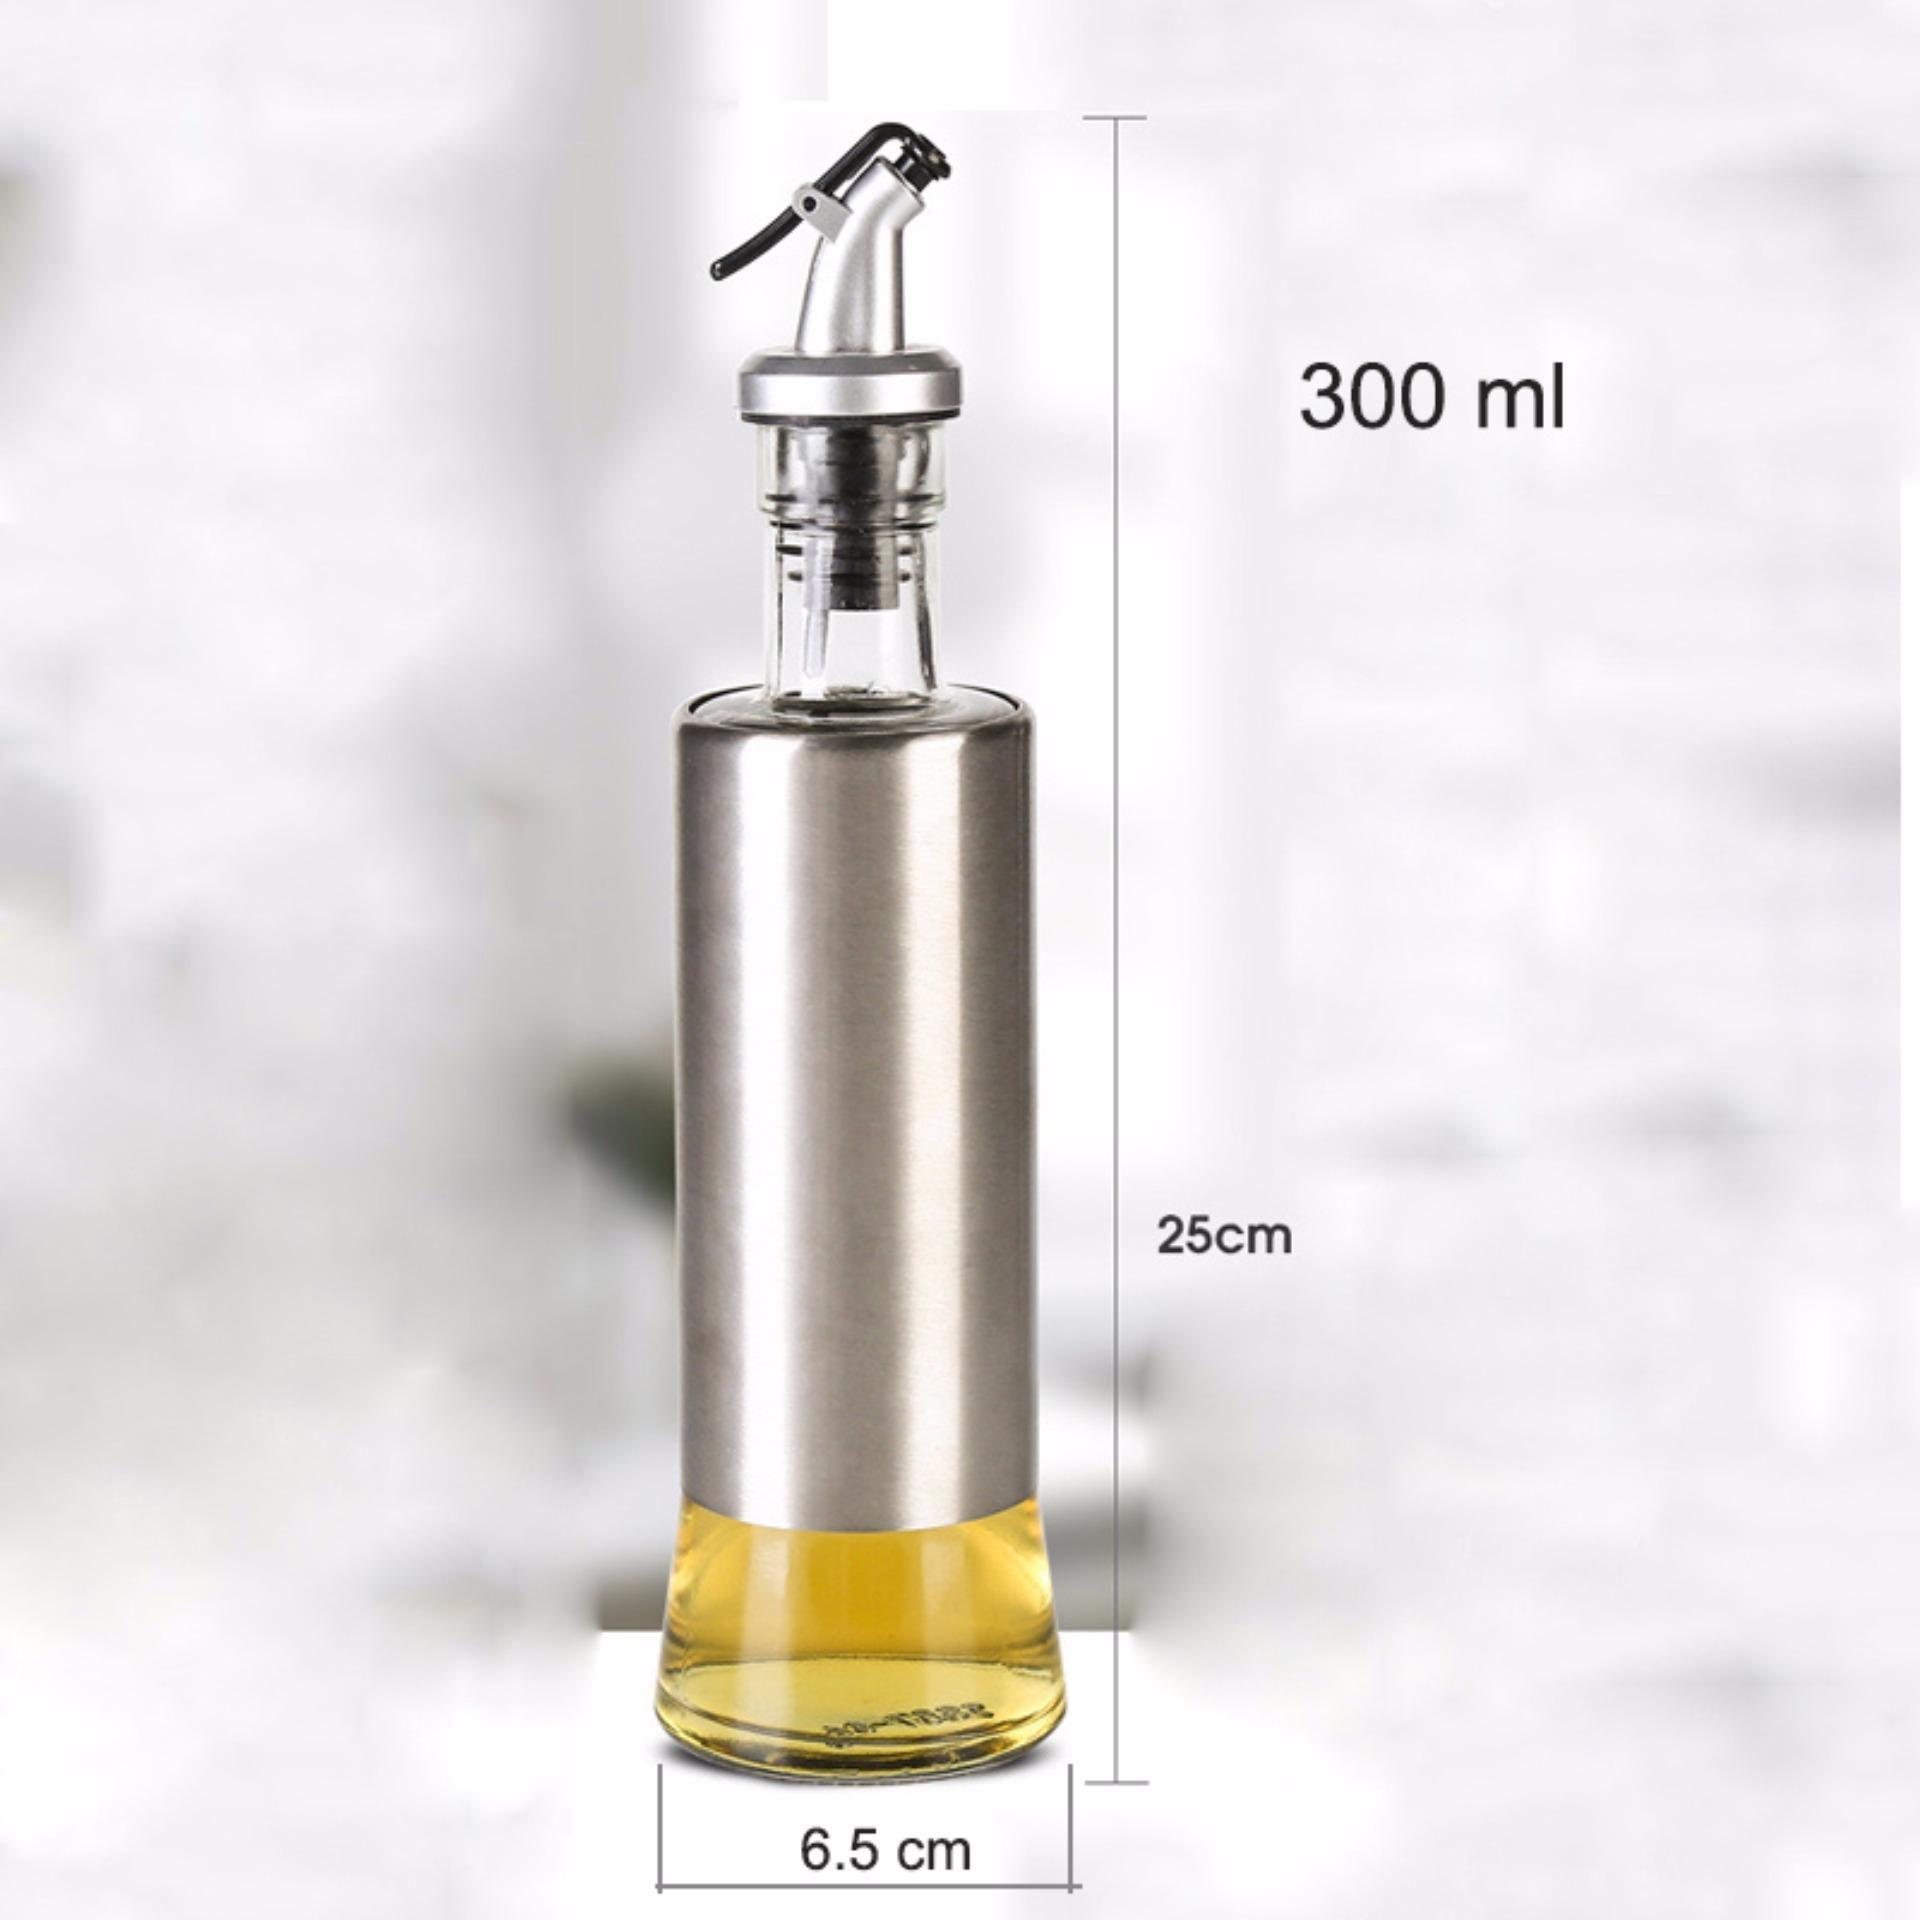 Galheteiro Porta Azeite Vinagre Oleo Dosador Em Inox Vidro